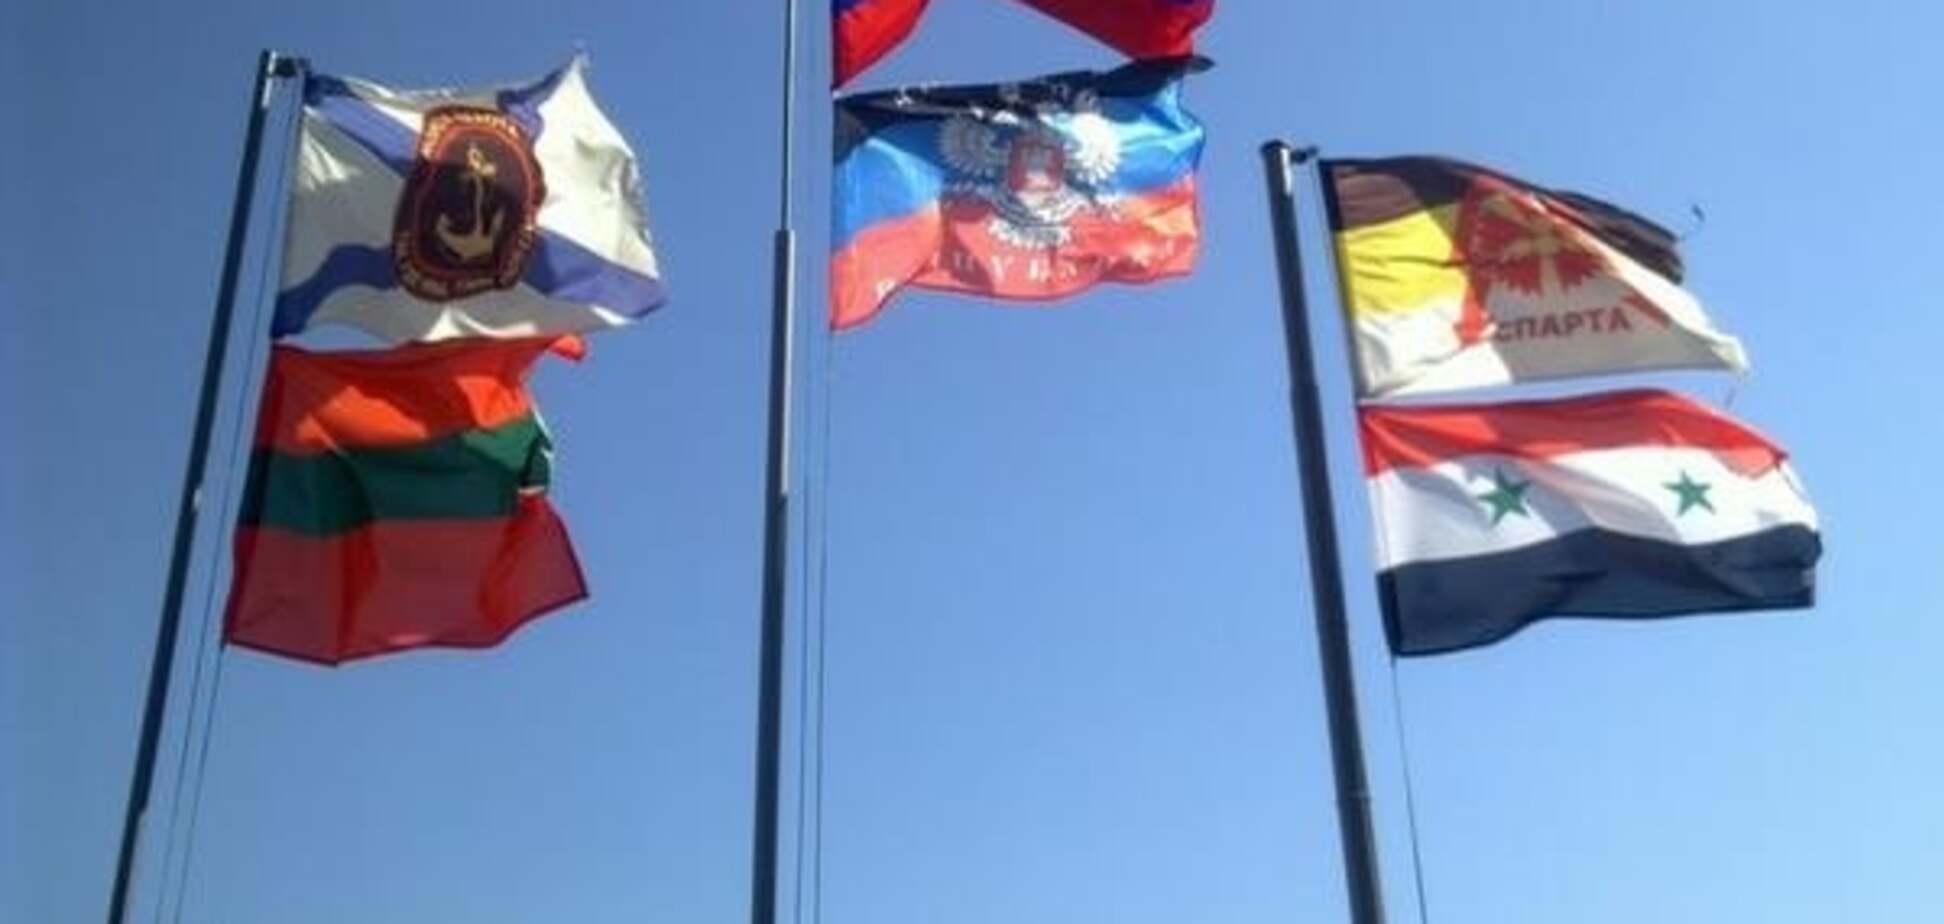 У центрі Донецька терористи підняли прапор Сирії: фотофакт